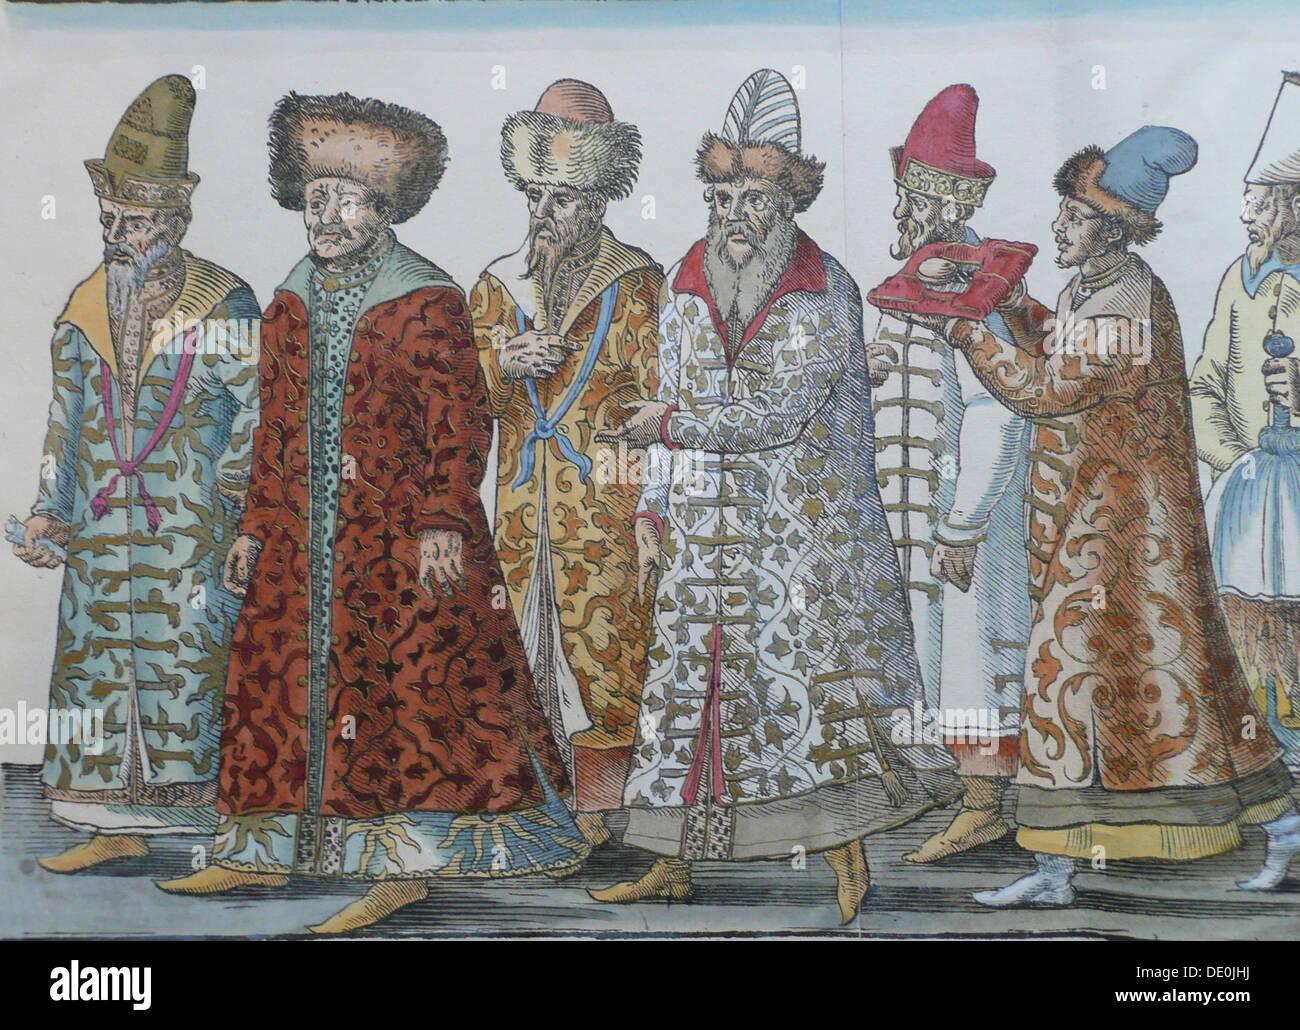 Portrait of Moscow Monarchs Ivan III, Vasili III Ivanovich, Ivan IV of Russia and entourage. Artist: Anonymous - Stock Image